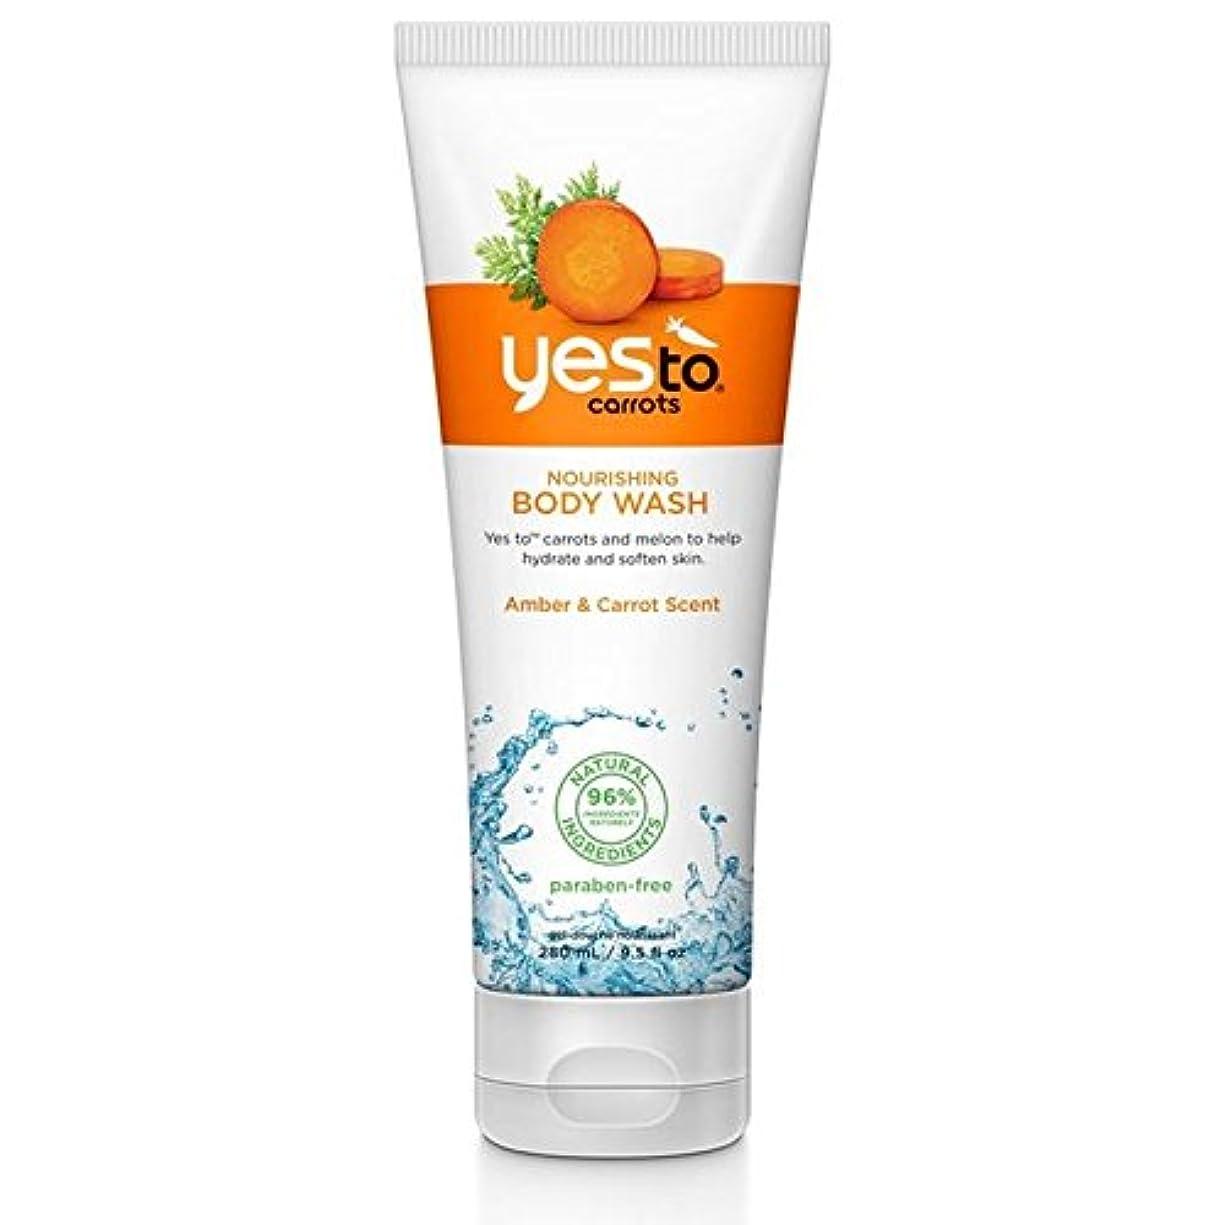 ぬれた慣れている悪夢Yes To Carrots Nourishing Body Wash 280ml - はいボディウォッシュ280ミリリットル栄養ニンジンへ [並行輸入品]